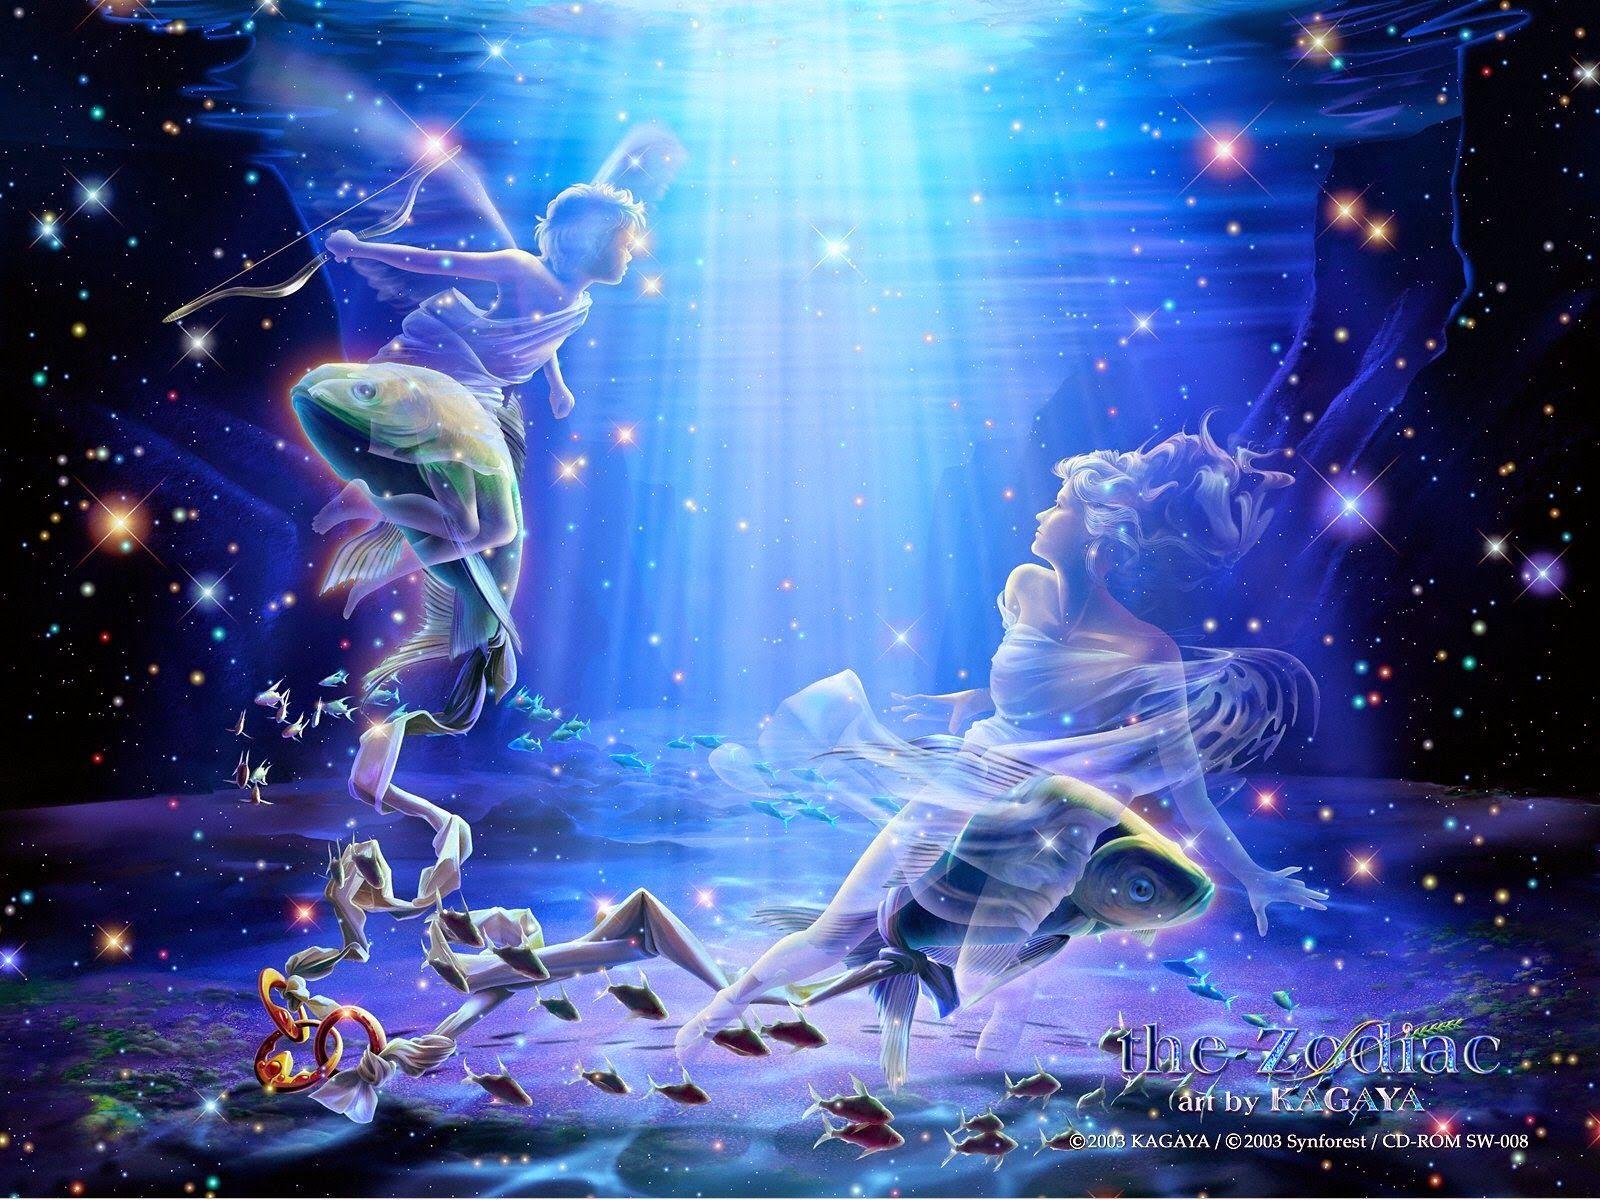 Piscis: Vas aprendiendo pero contigo, todo puede pasar, es probable que un día te levantes exaltado y diciendo todo lo que se te pasa por la cabeza, sin pensar, y otro, seas la persona más prudente del mundo. Arriba y abajo, ya lo sabemos, y tú, también. #piscis #pisces #signo_zodiaco #zodiac_sign #horoscopo #horoscope